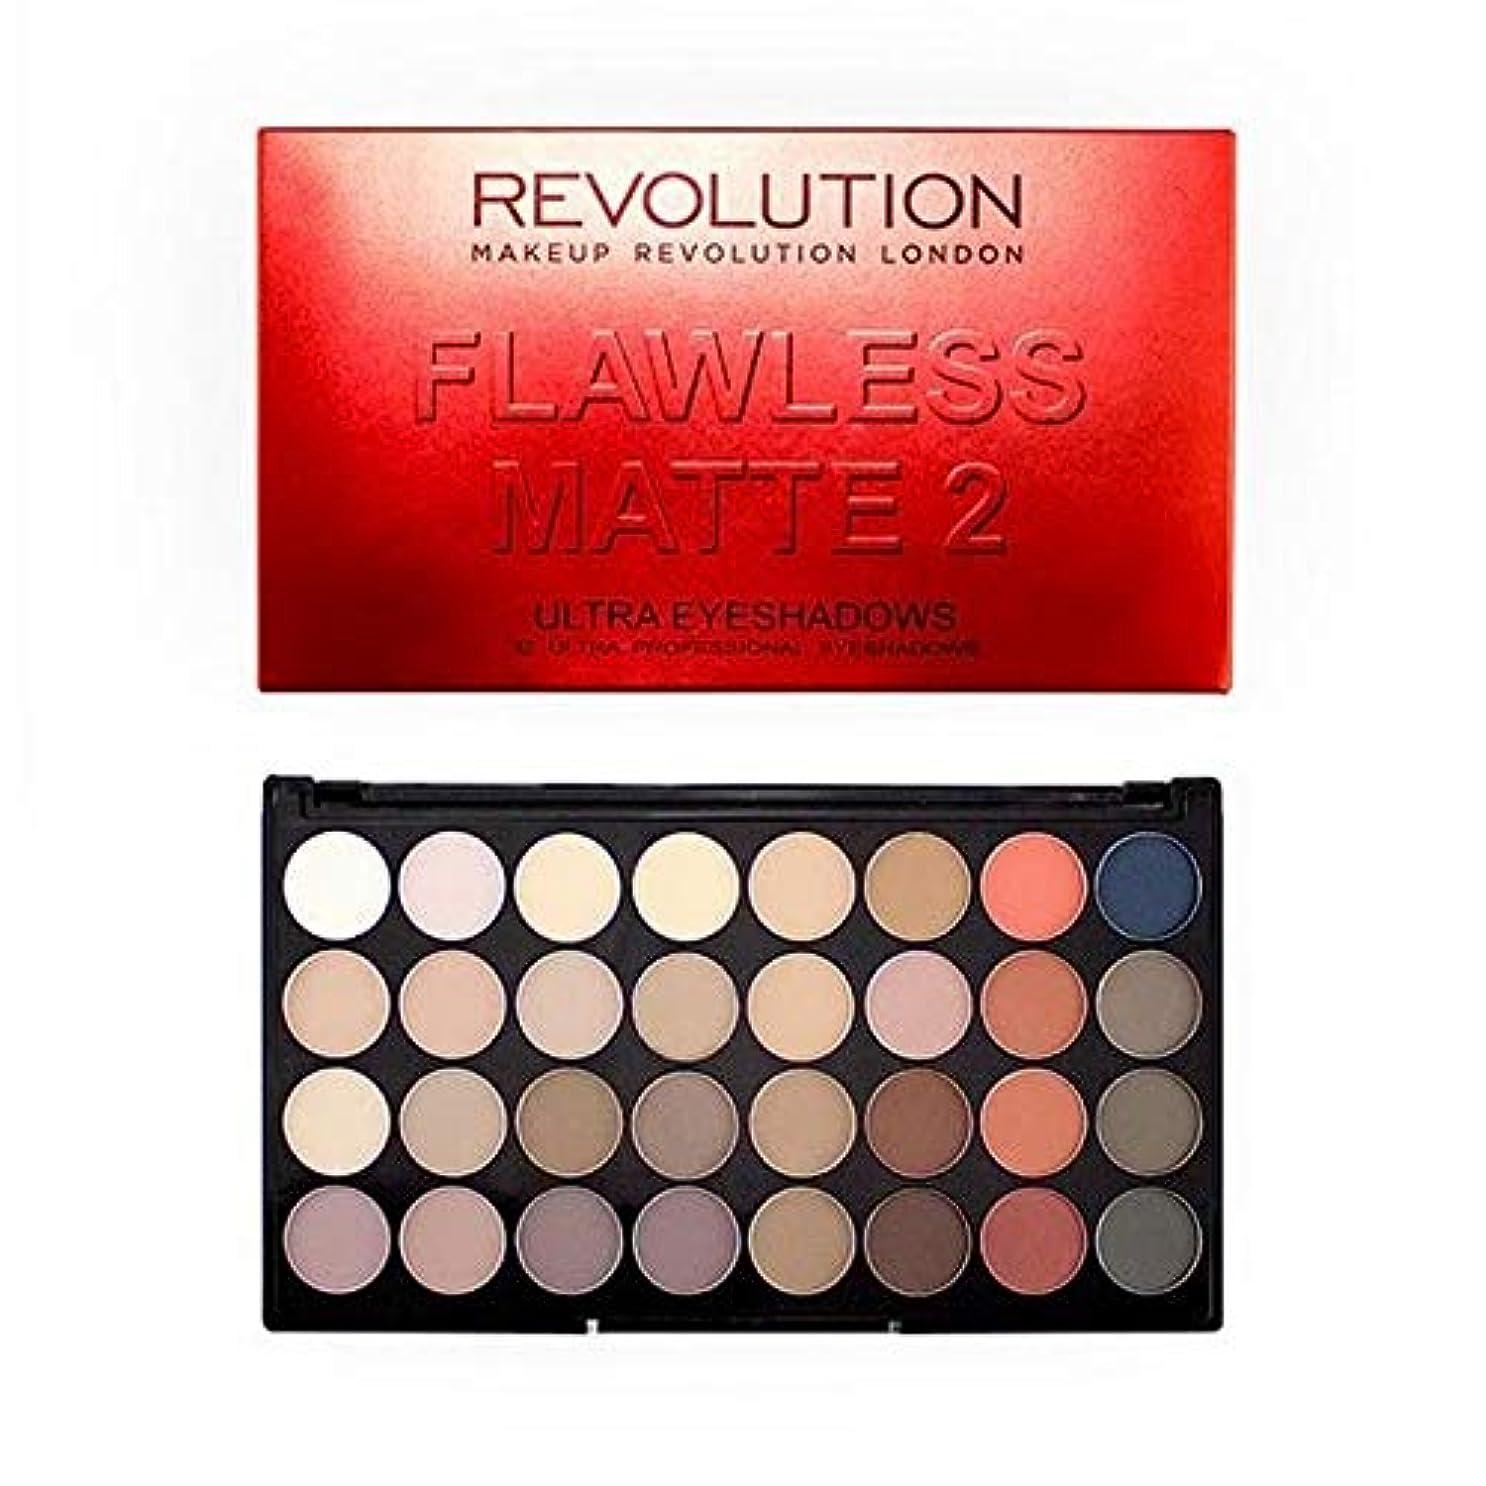 サイレンネクタイコンサルタント[Revolution ] 革命完璧なマット2アイシャドウパレット - Revolution Flawless Matte 2 Eye Shadow Palette [並行輸入品]